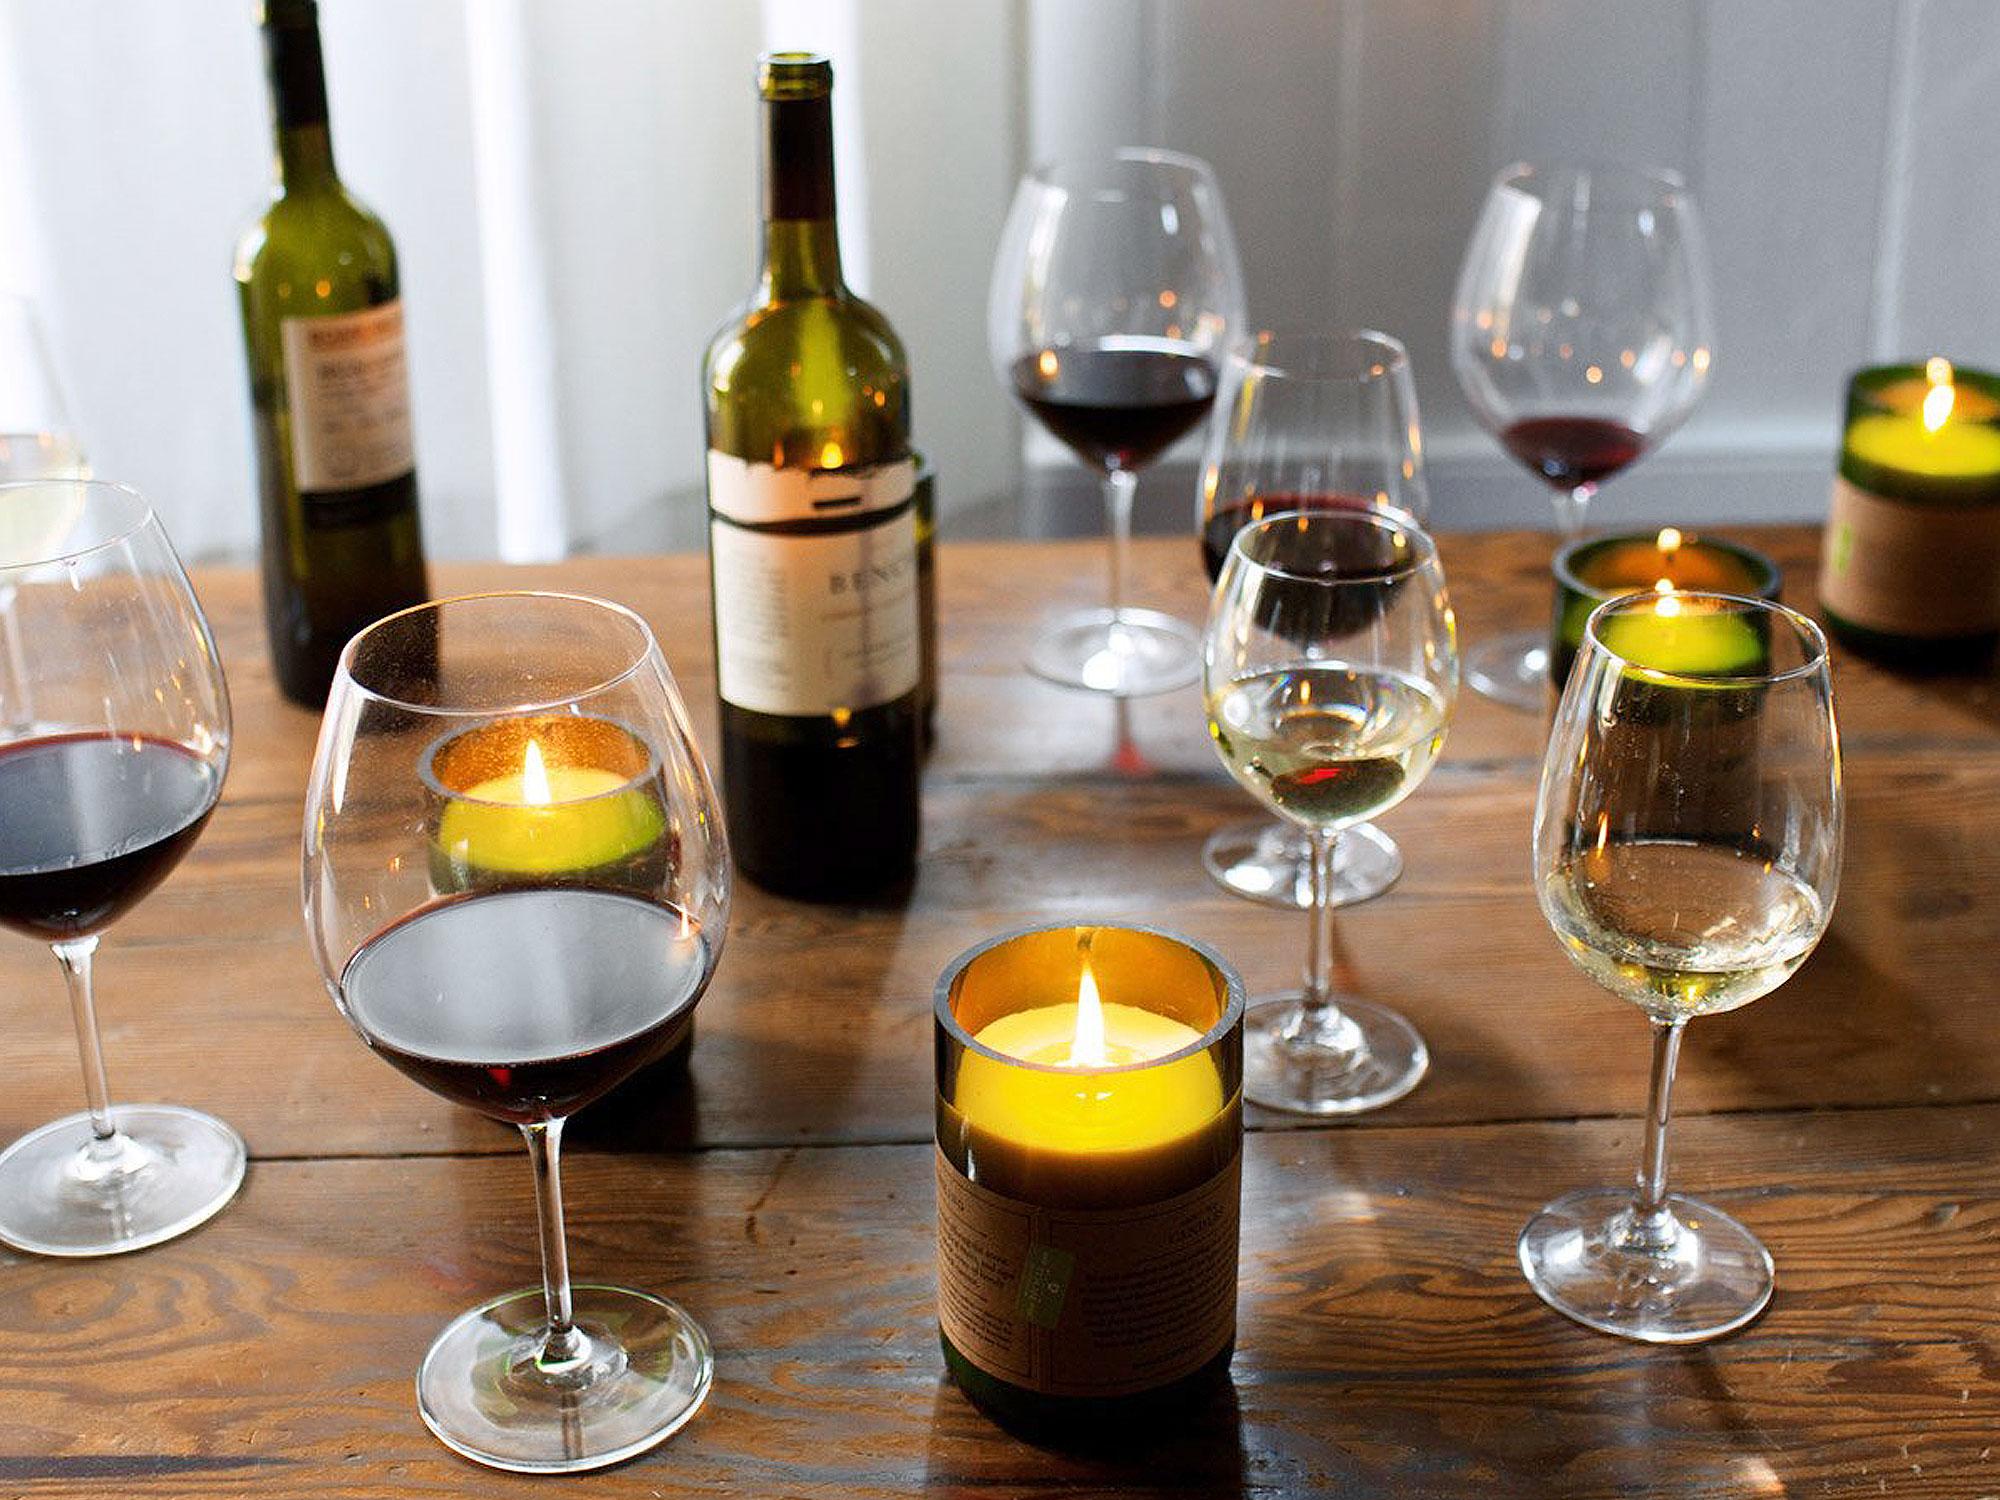 rewined-svicky-inspirovane-odrudami-vina